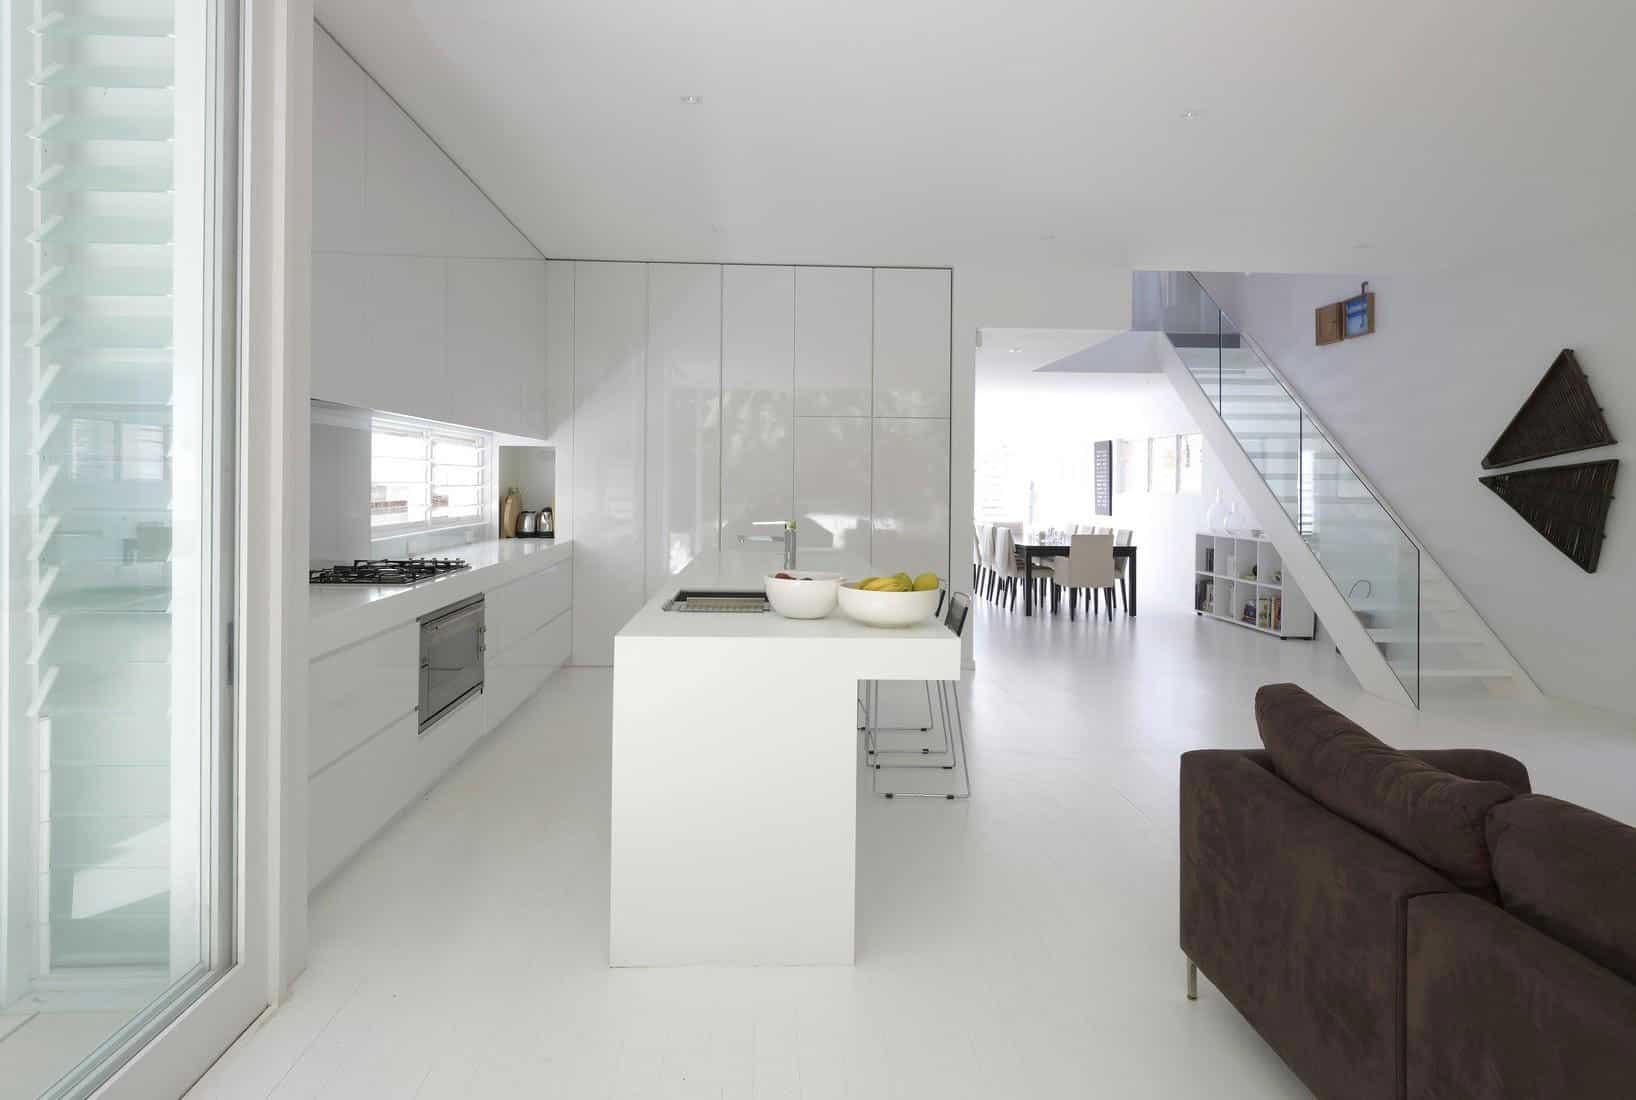 Tamarama by Tony Owen Architects